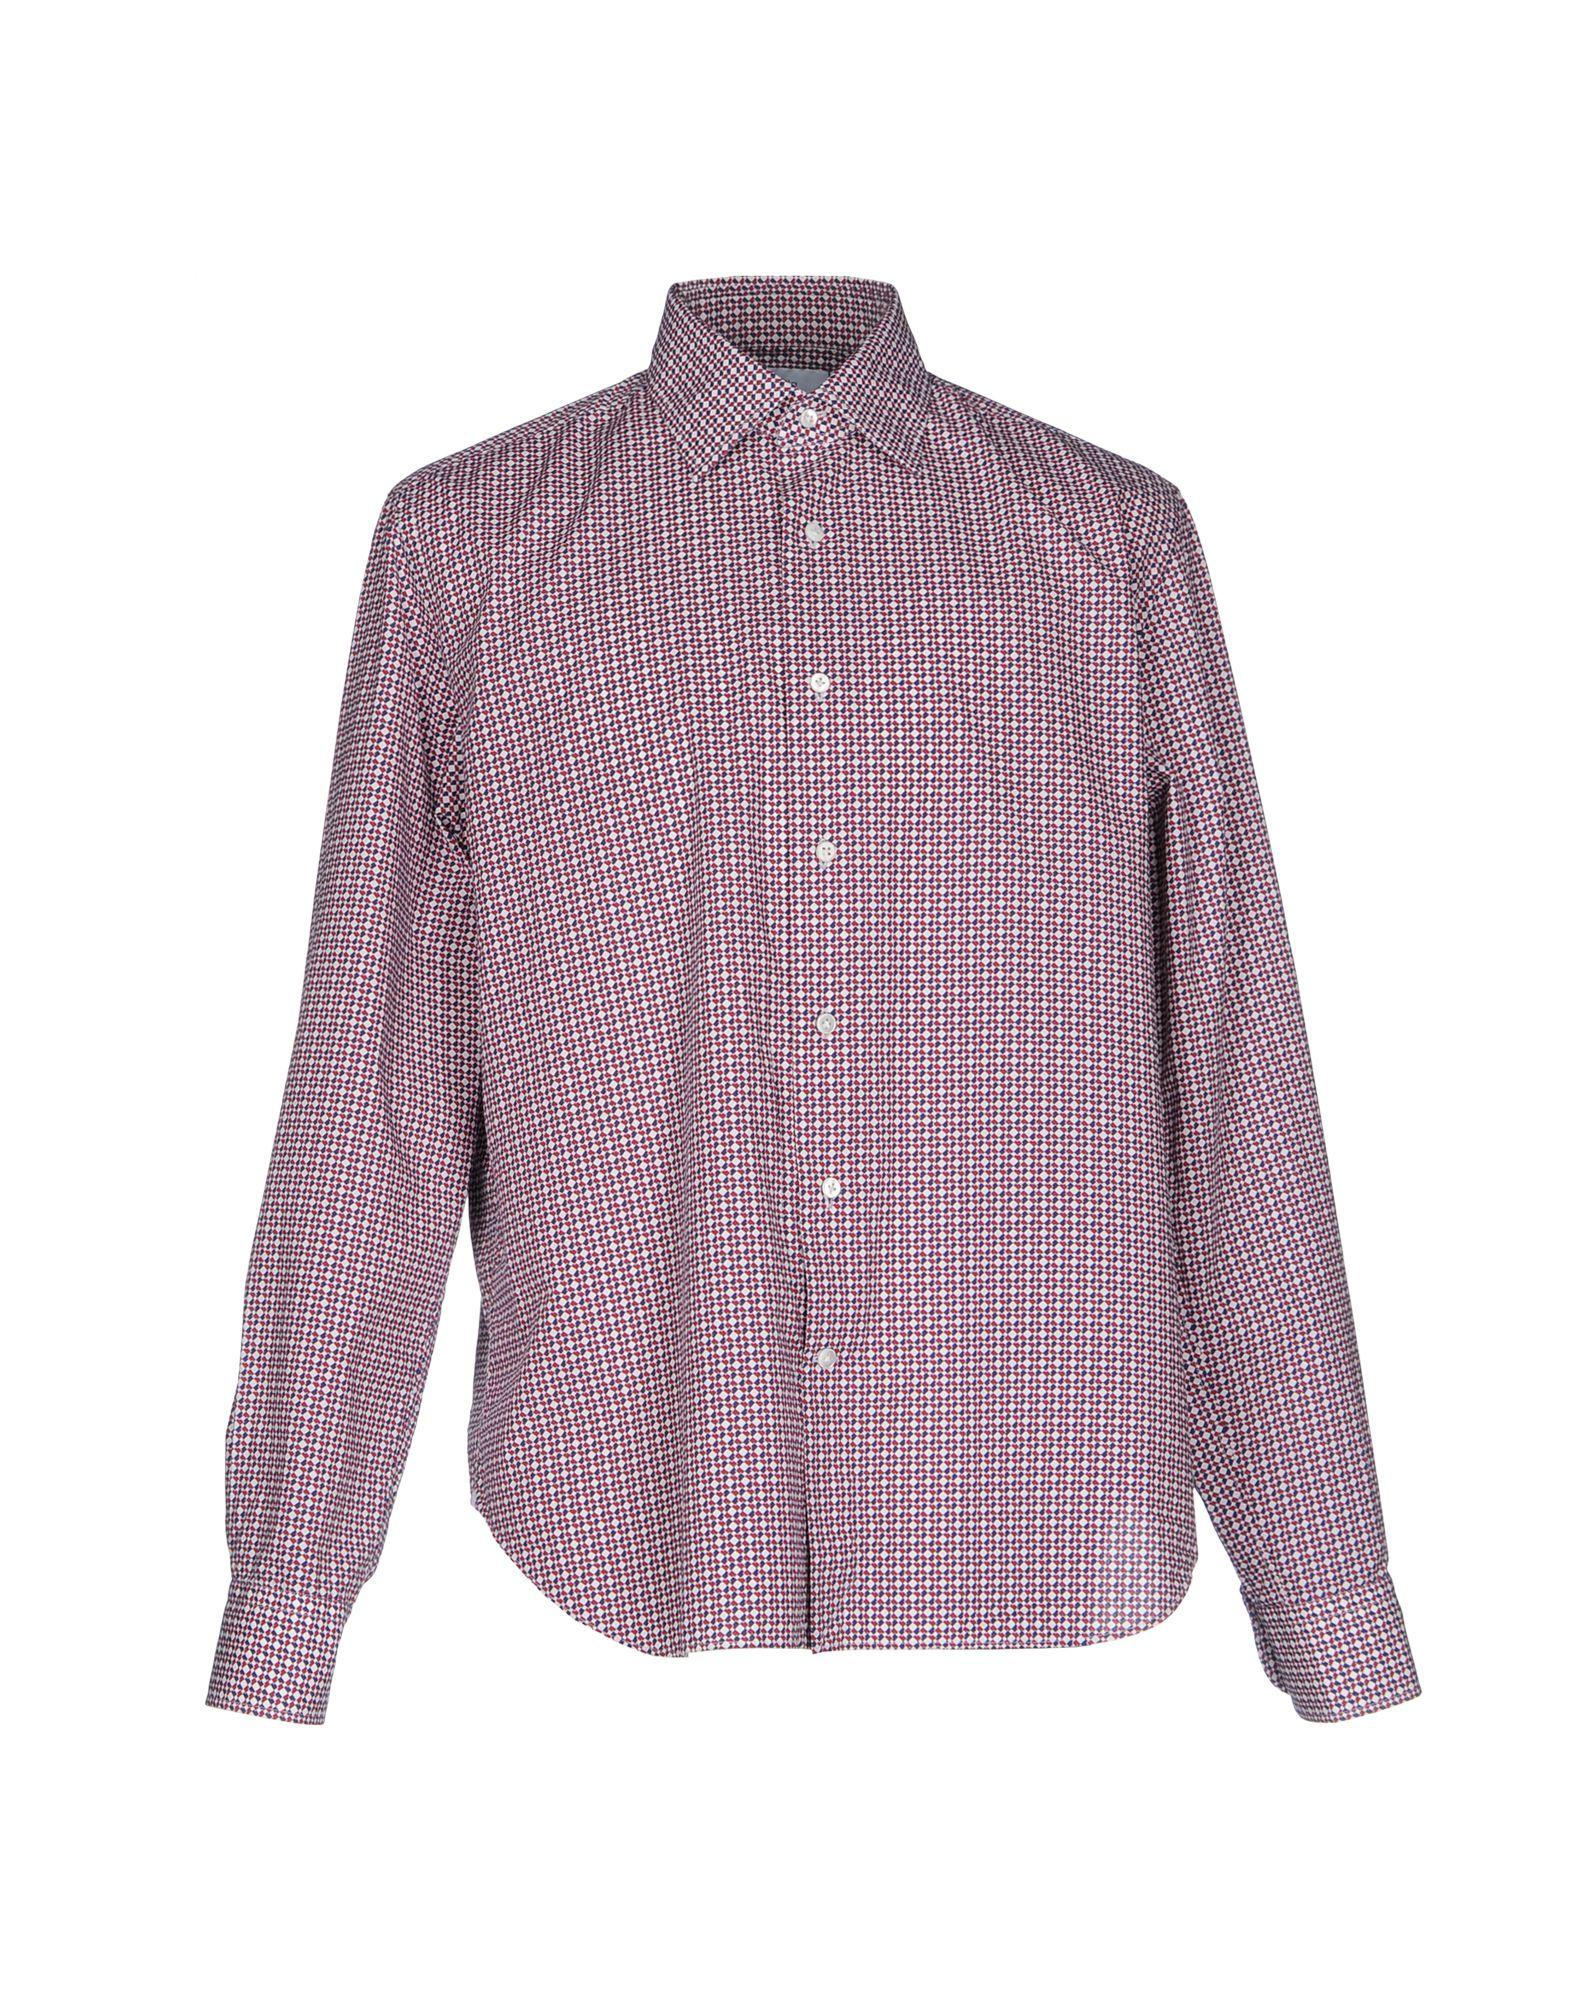 《送料無料》BAGUTTA メンズ シャツ レッド XL コットン 100%